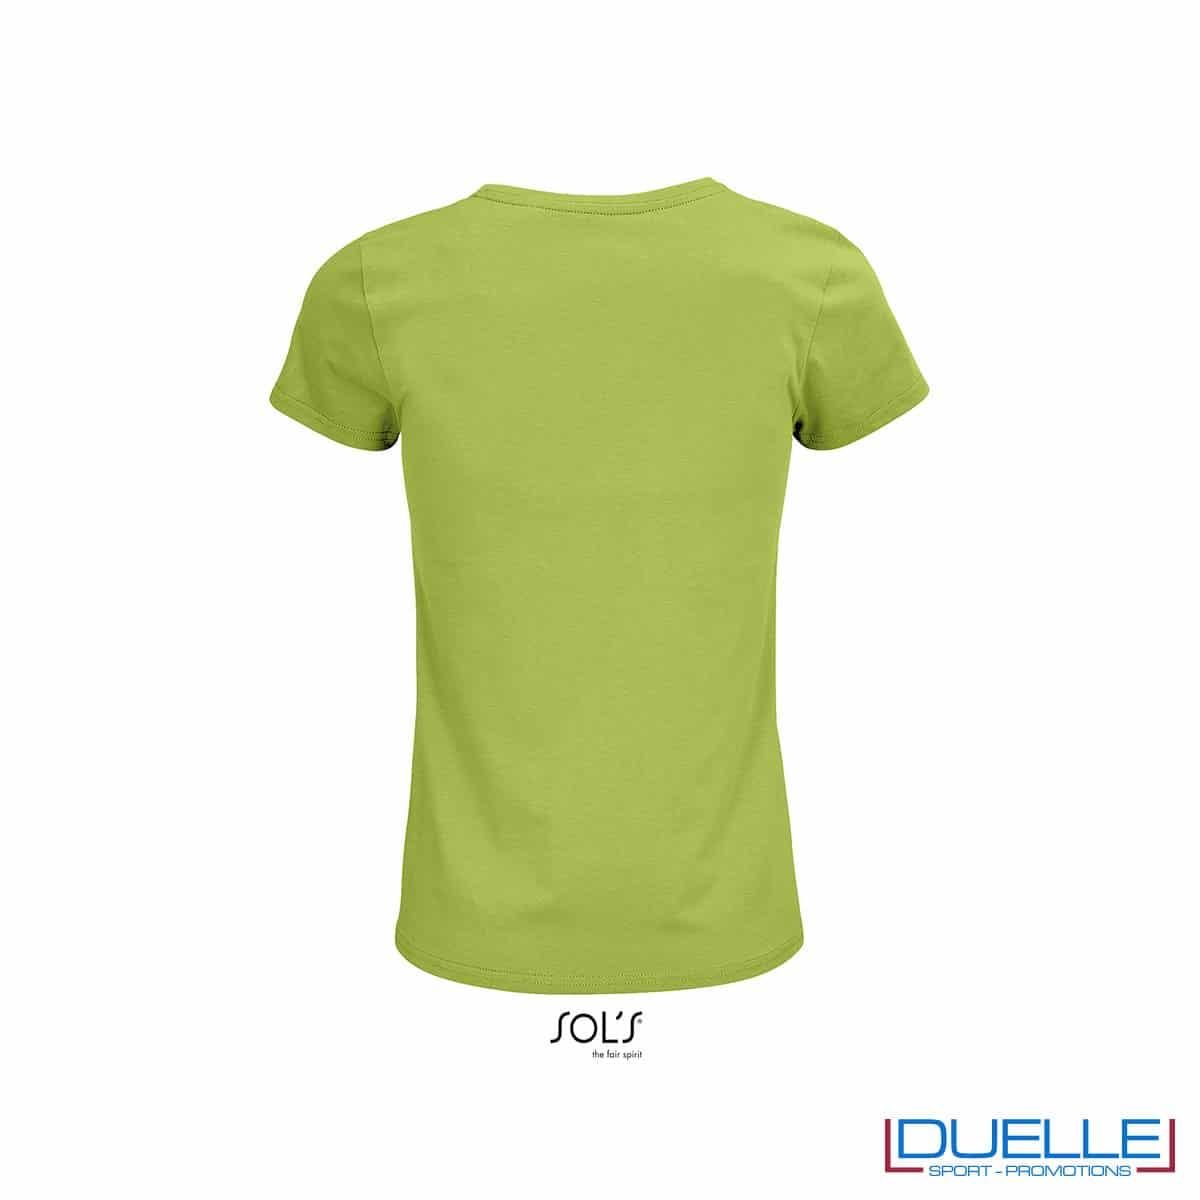 retro maglietta donna verde chiaro girocollo